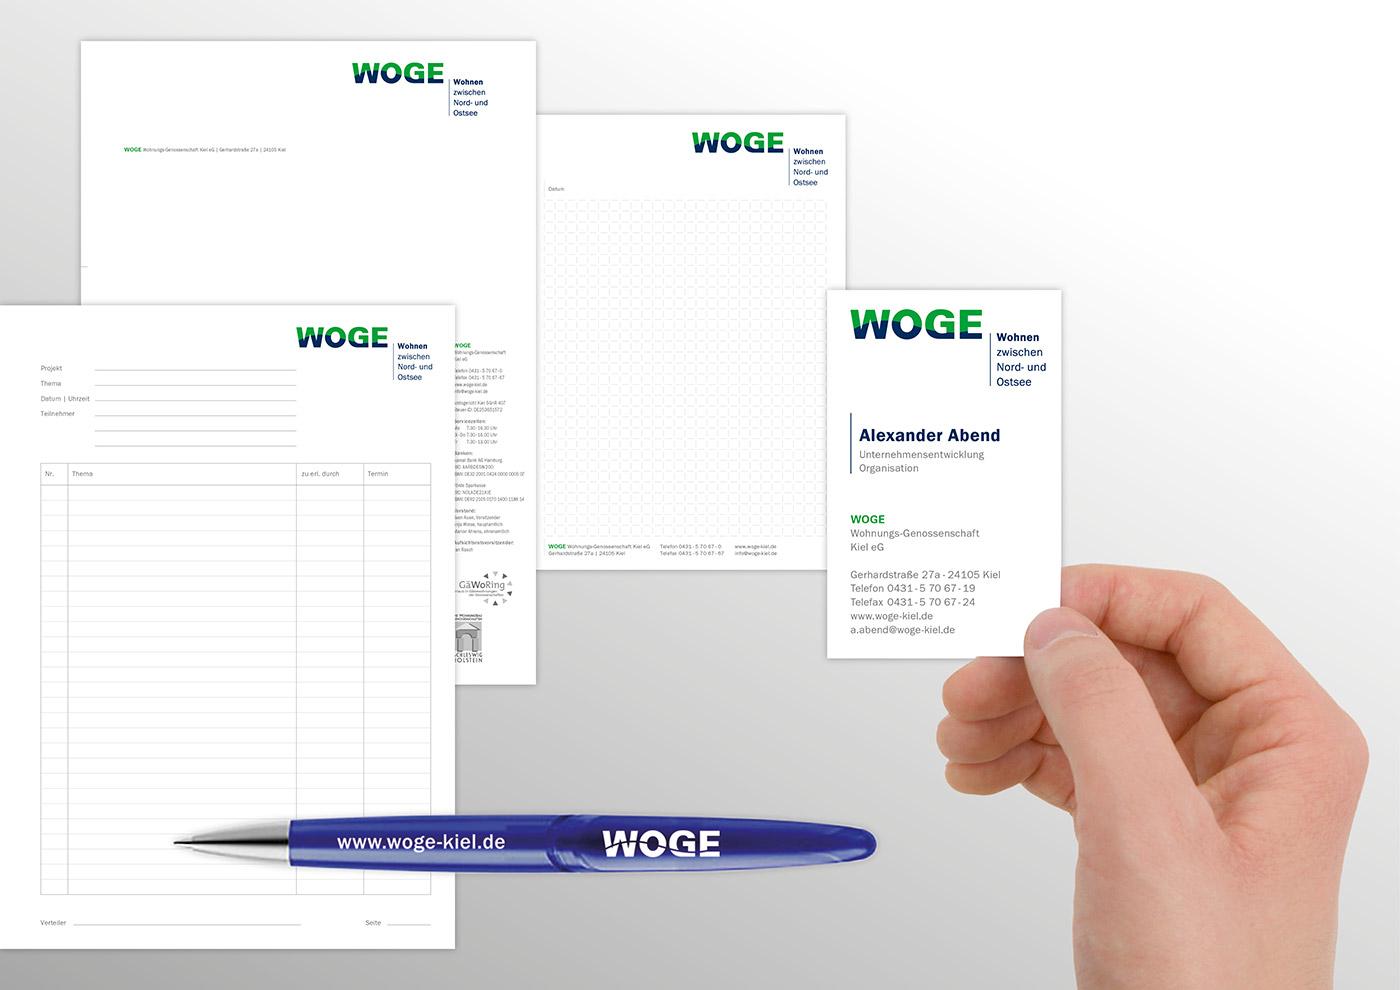 Corporate Design und Kommunikation für die WOGE Kiel: Werbemittel